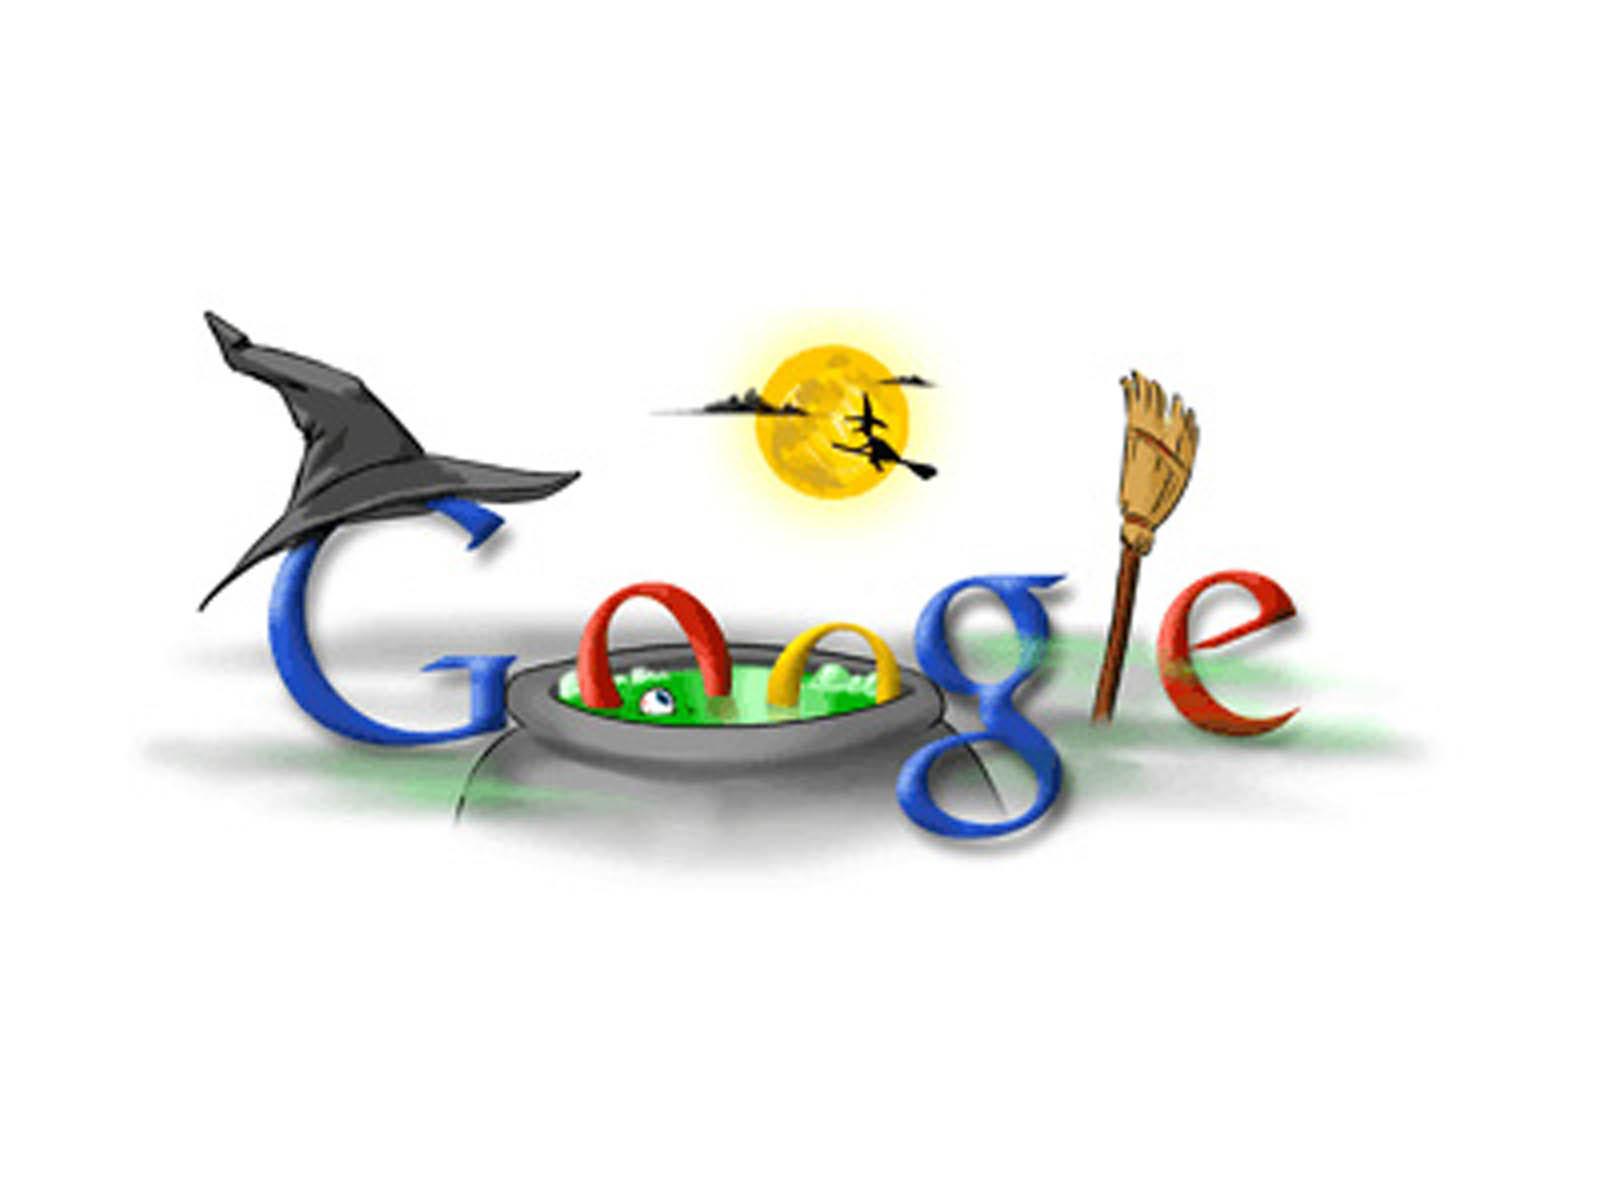 http://2.bp.blogspot.com/-QP4GhAhVABw/T99LJXw9BpI/AAAAAAAAEQc/caYJGLXdnVw/s1600/Free%20Google%20Wallpapers%20for%20Desktop%202.jpg